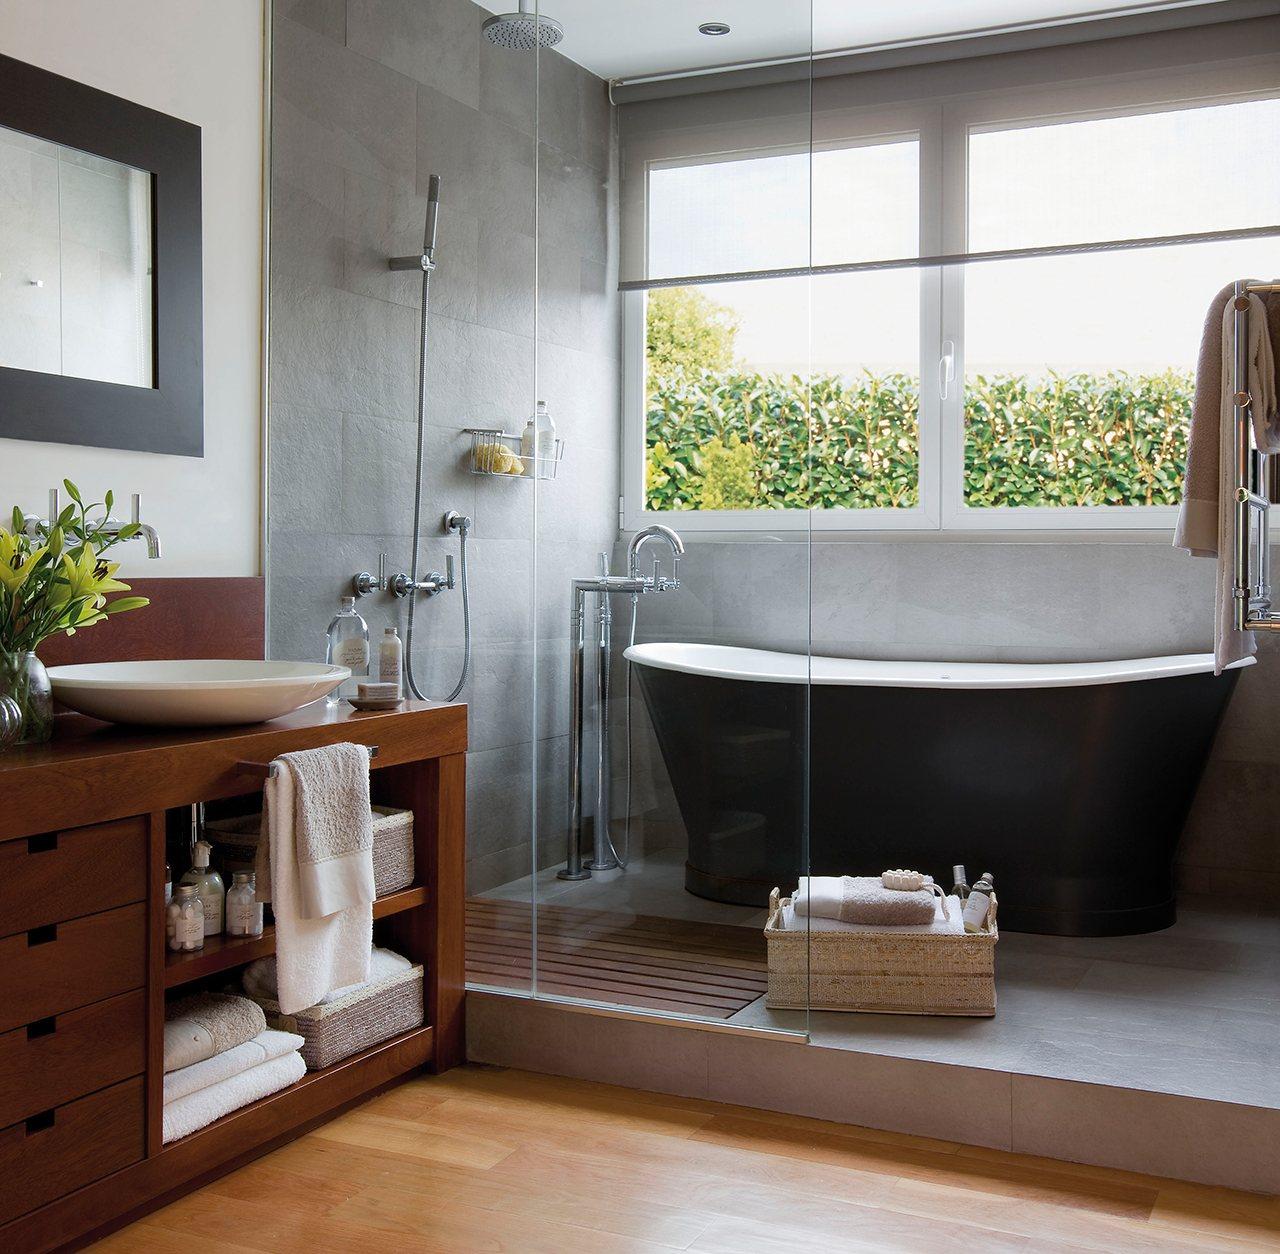 Decotips ducha y ba era en menos de 10 m virlova style for Poner ducha en bano pequeno